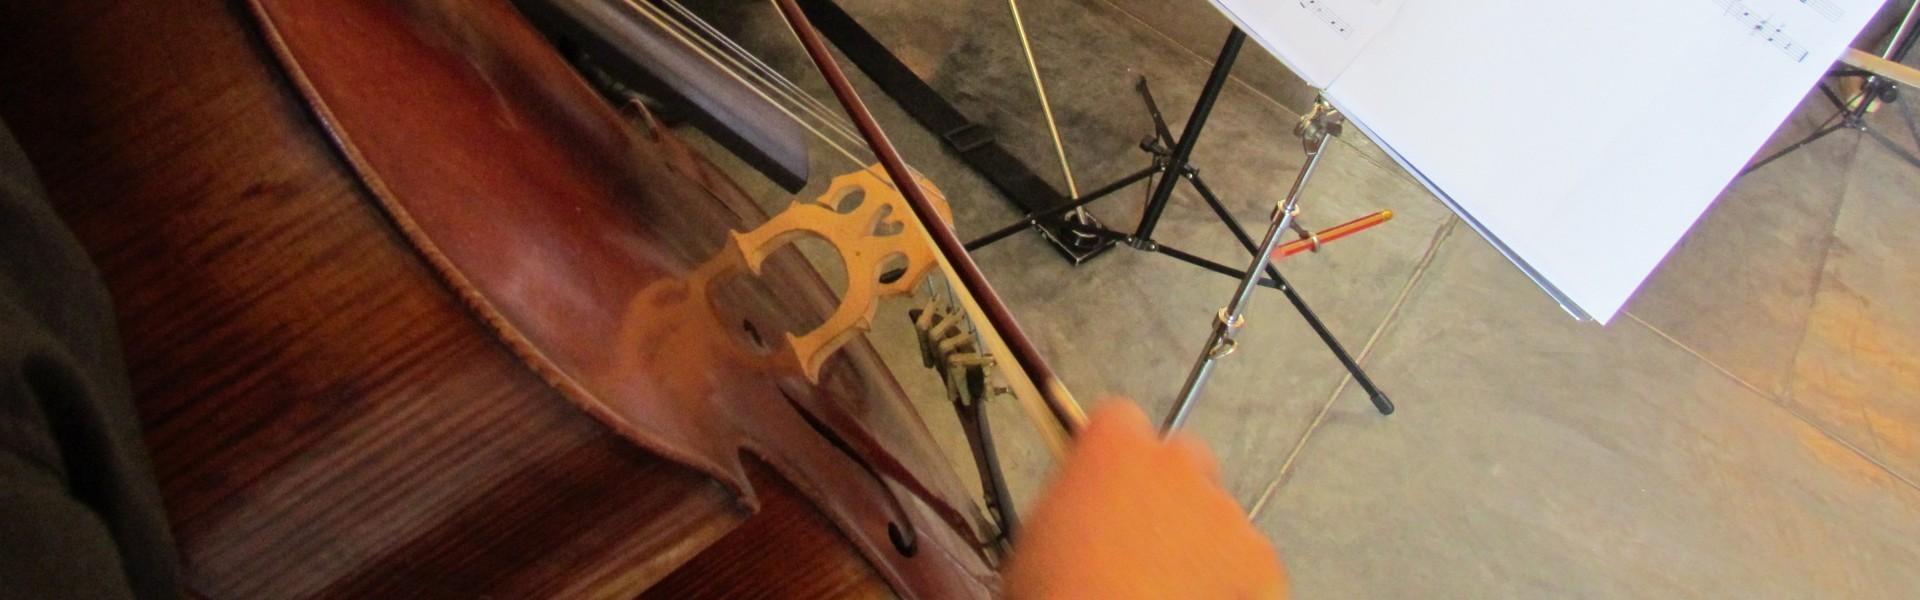 Clases de cello